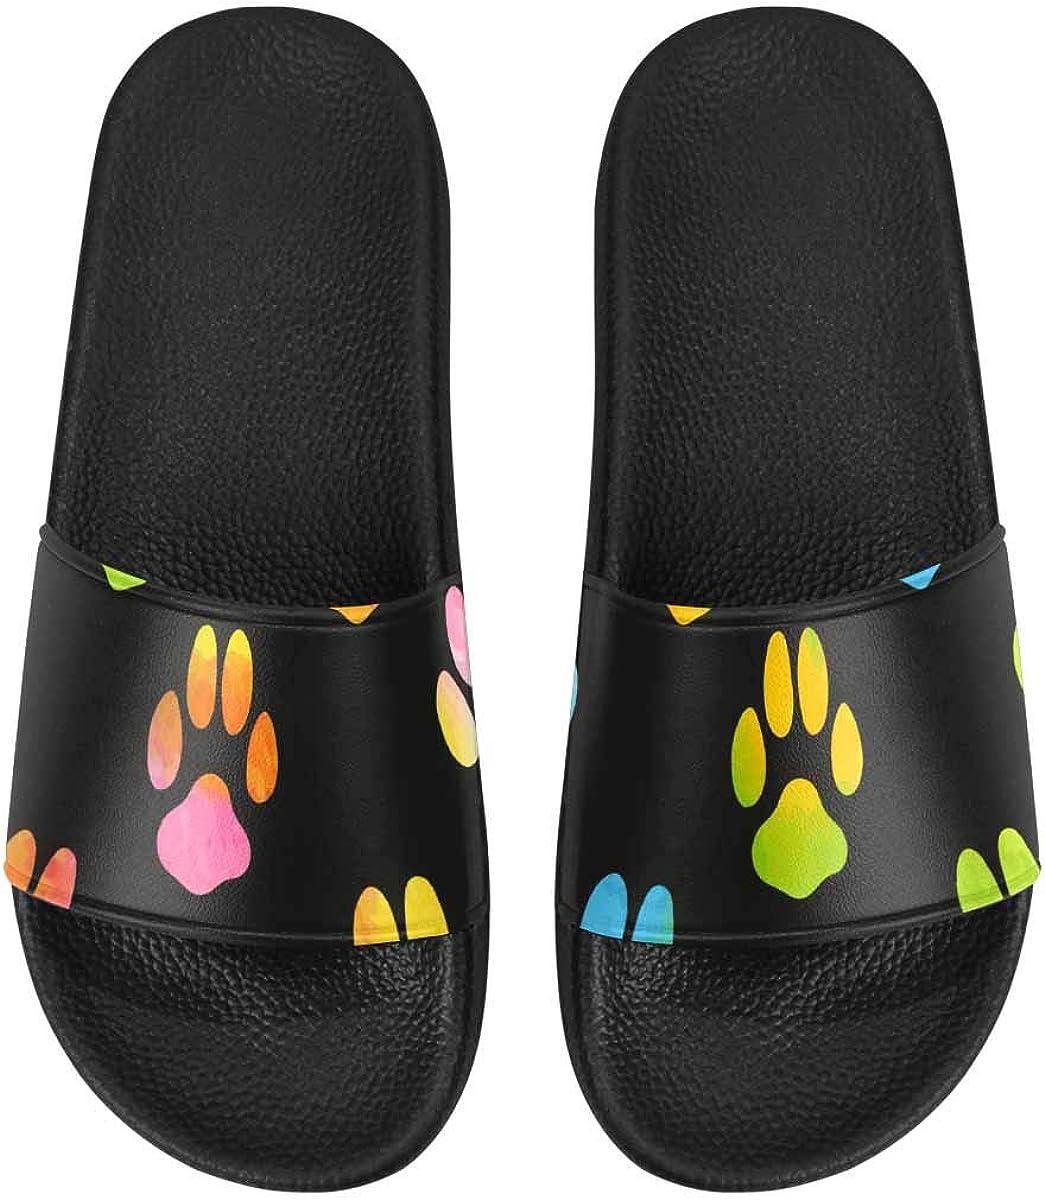 InterestPrint Women's Casual and Lightweight Slipper Sandals for Home Meow Footprint